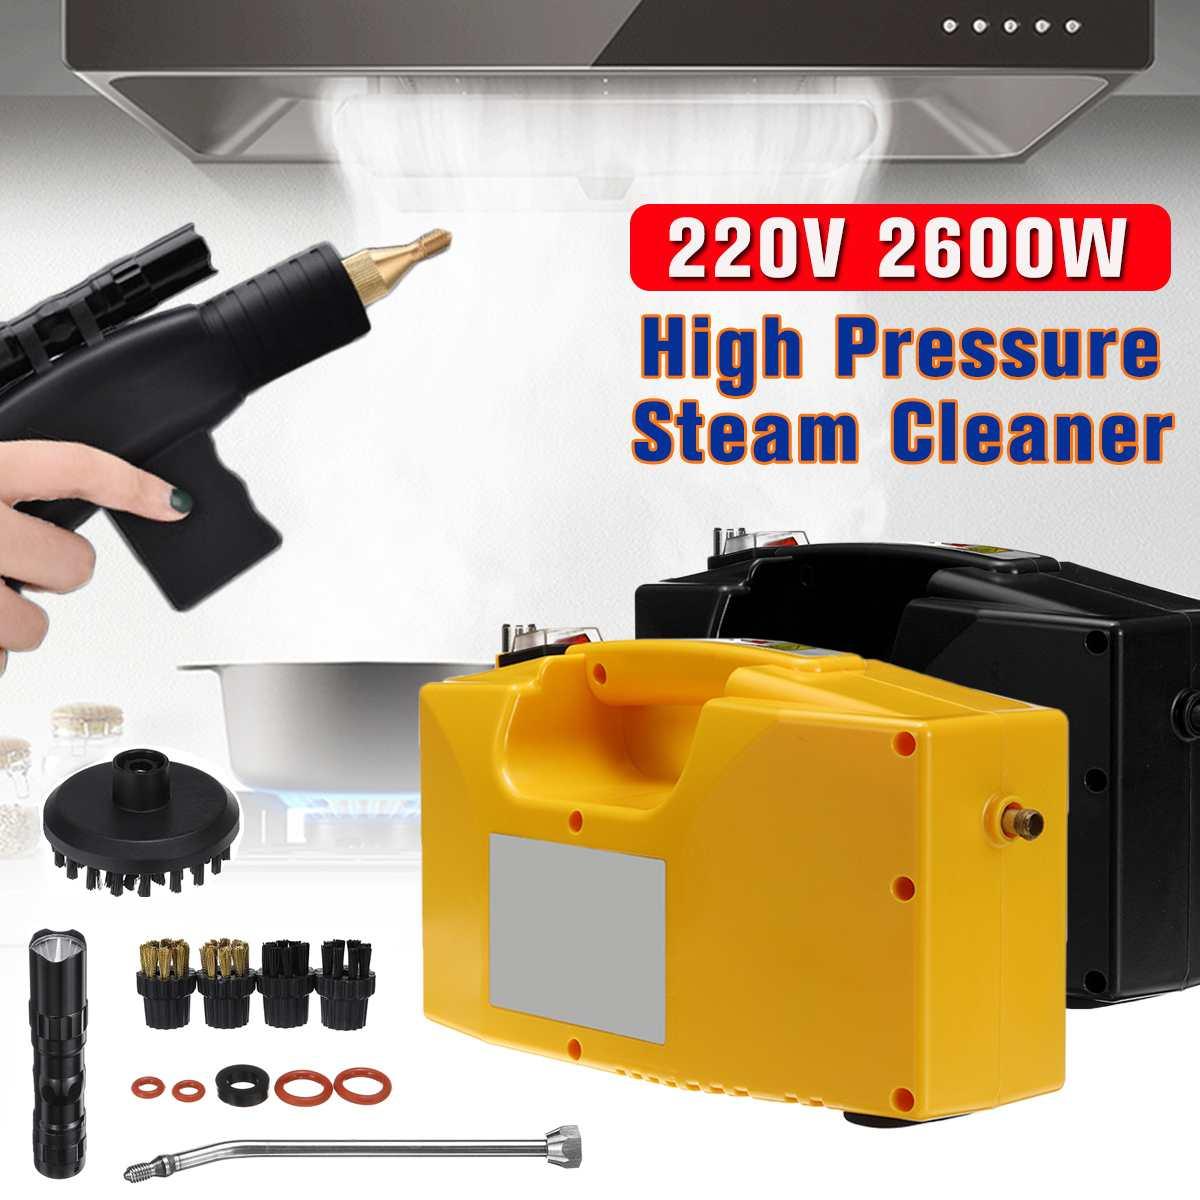 220 В 2600 Вт ручной пароочиститель для бытовой кухни Чистящая машина высокого давления парогенератор